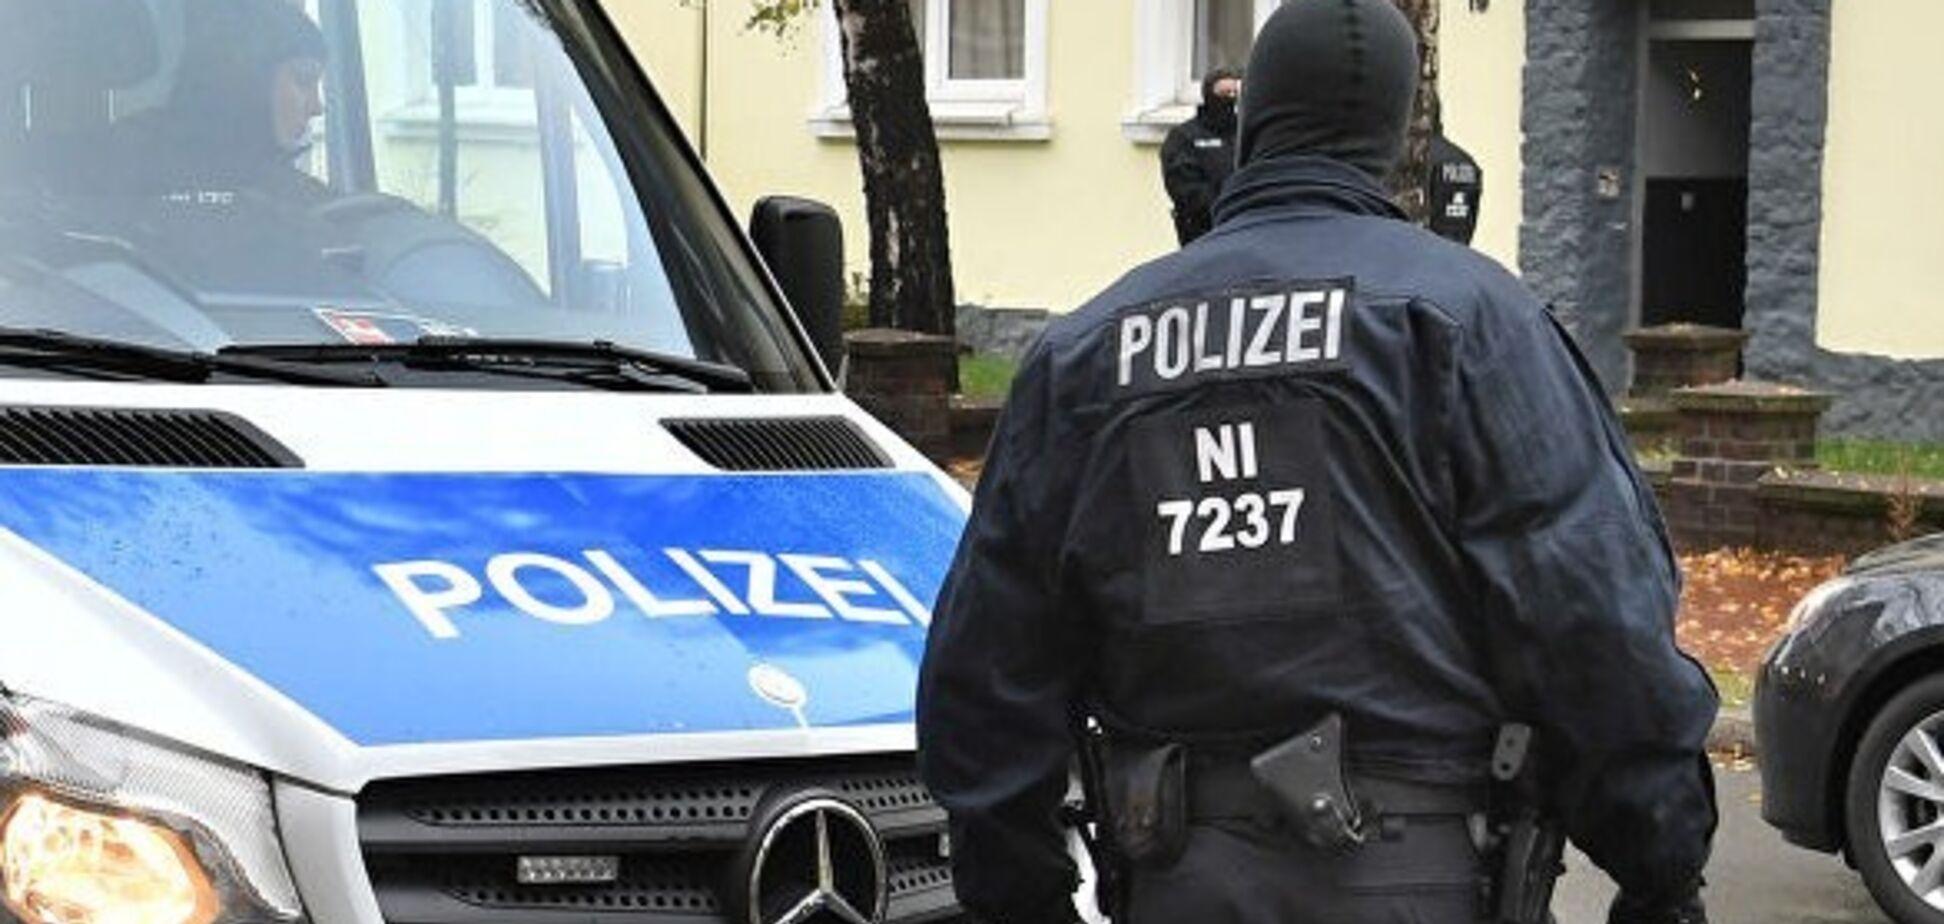 Людей терміново евакуювали: вибух надпотужної бомби в Німеччині потрапив на відео